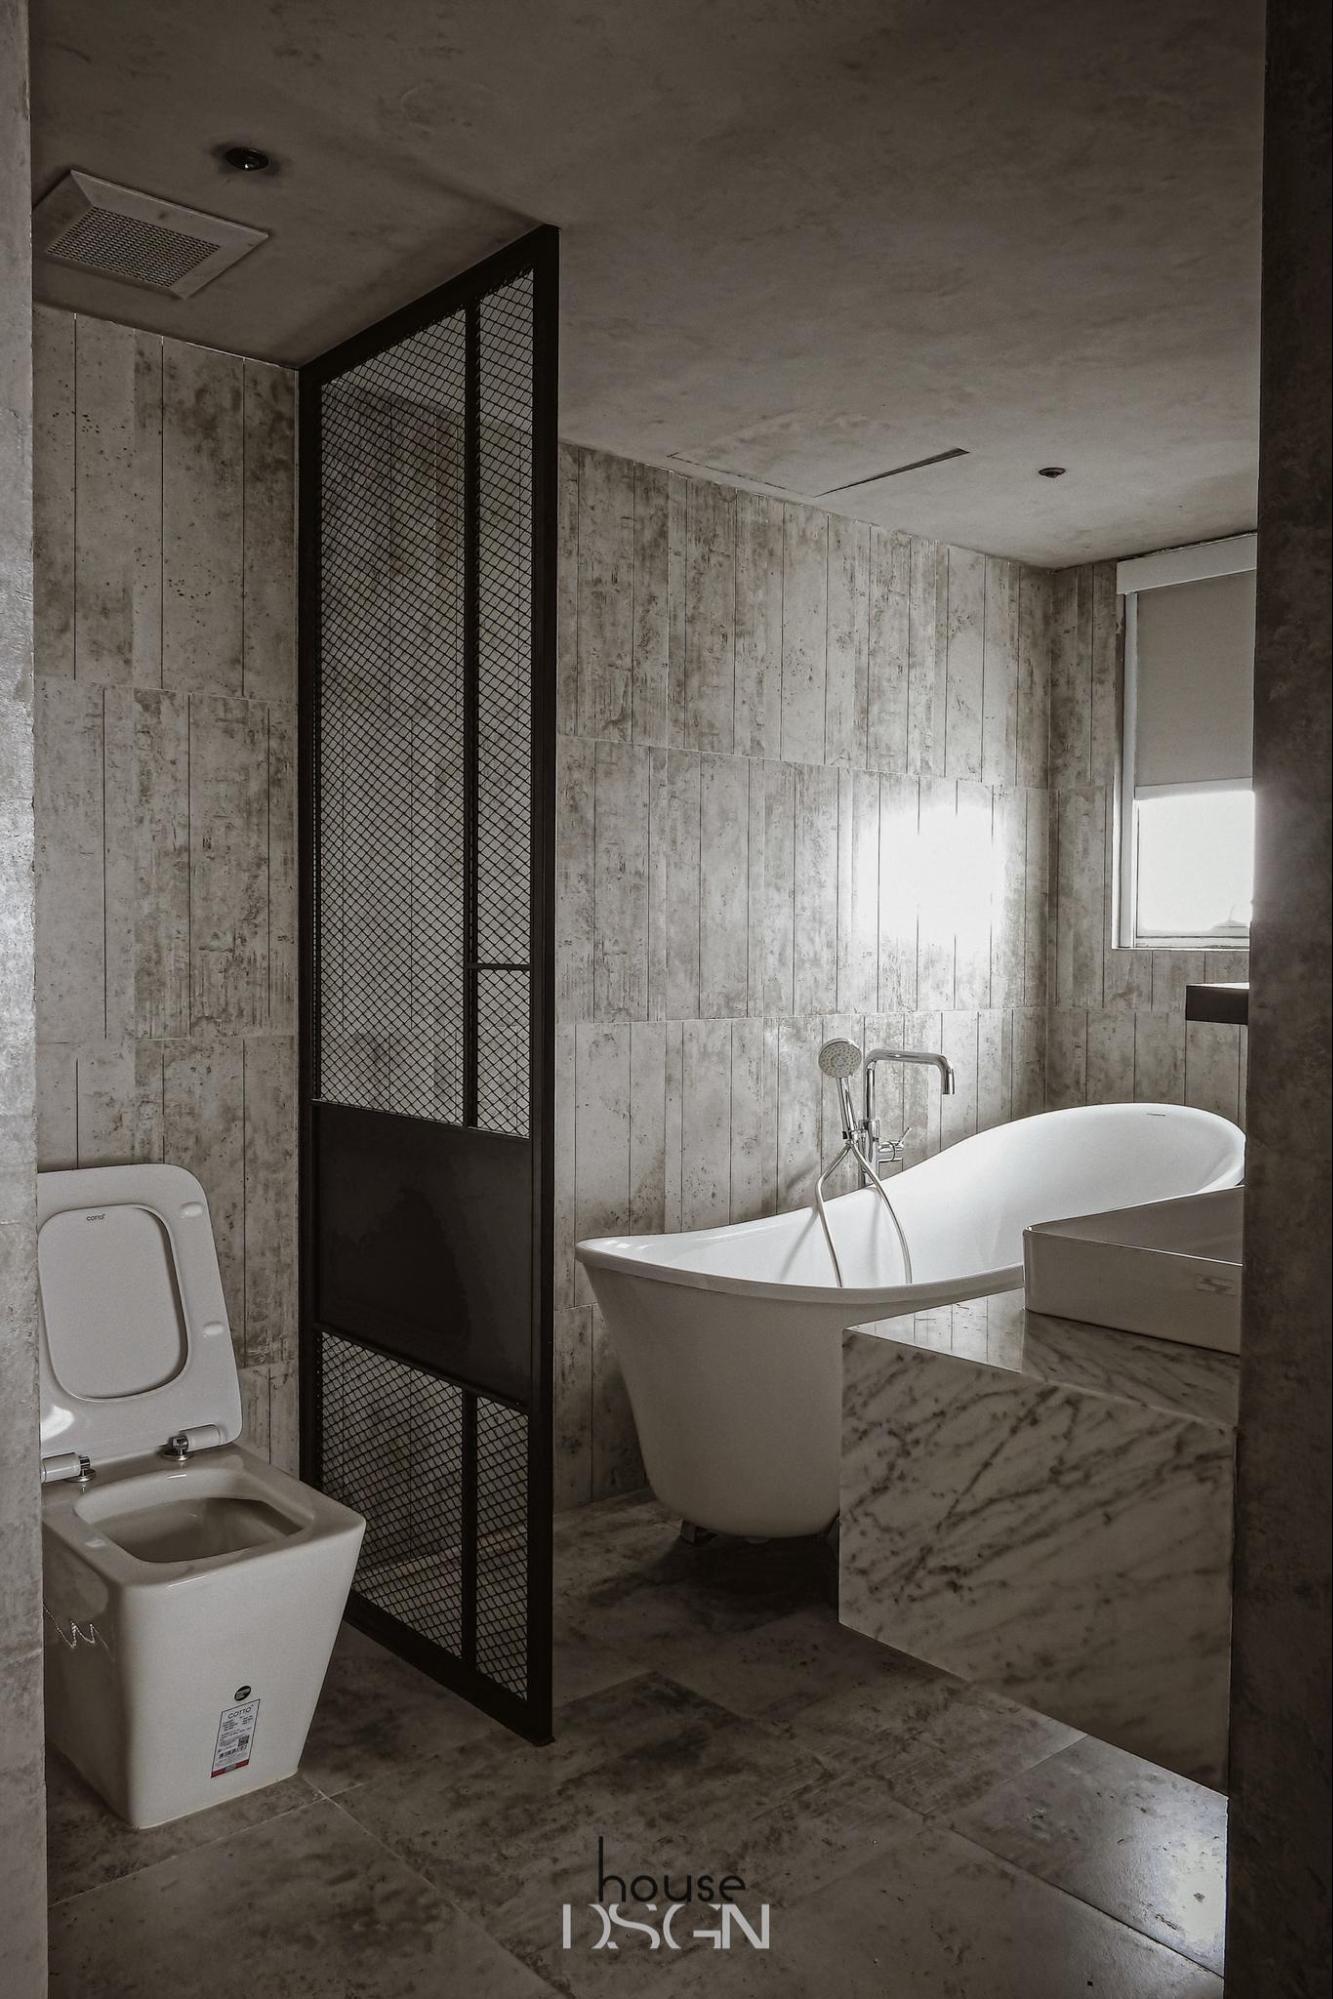 mẫu thiết kế nội thất chung cư 3 phòng ngủ ấn tượng